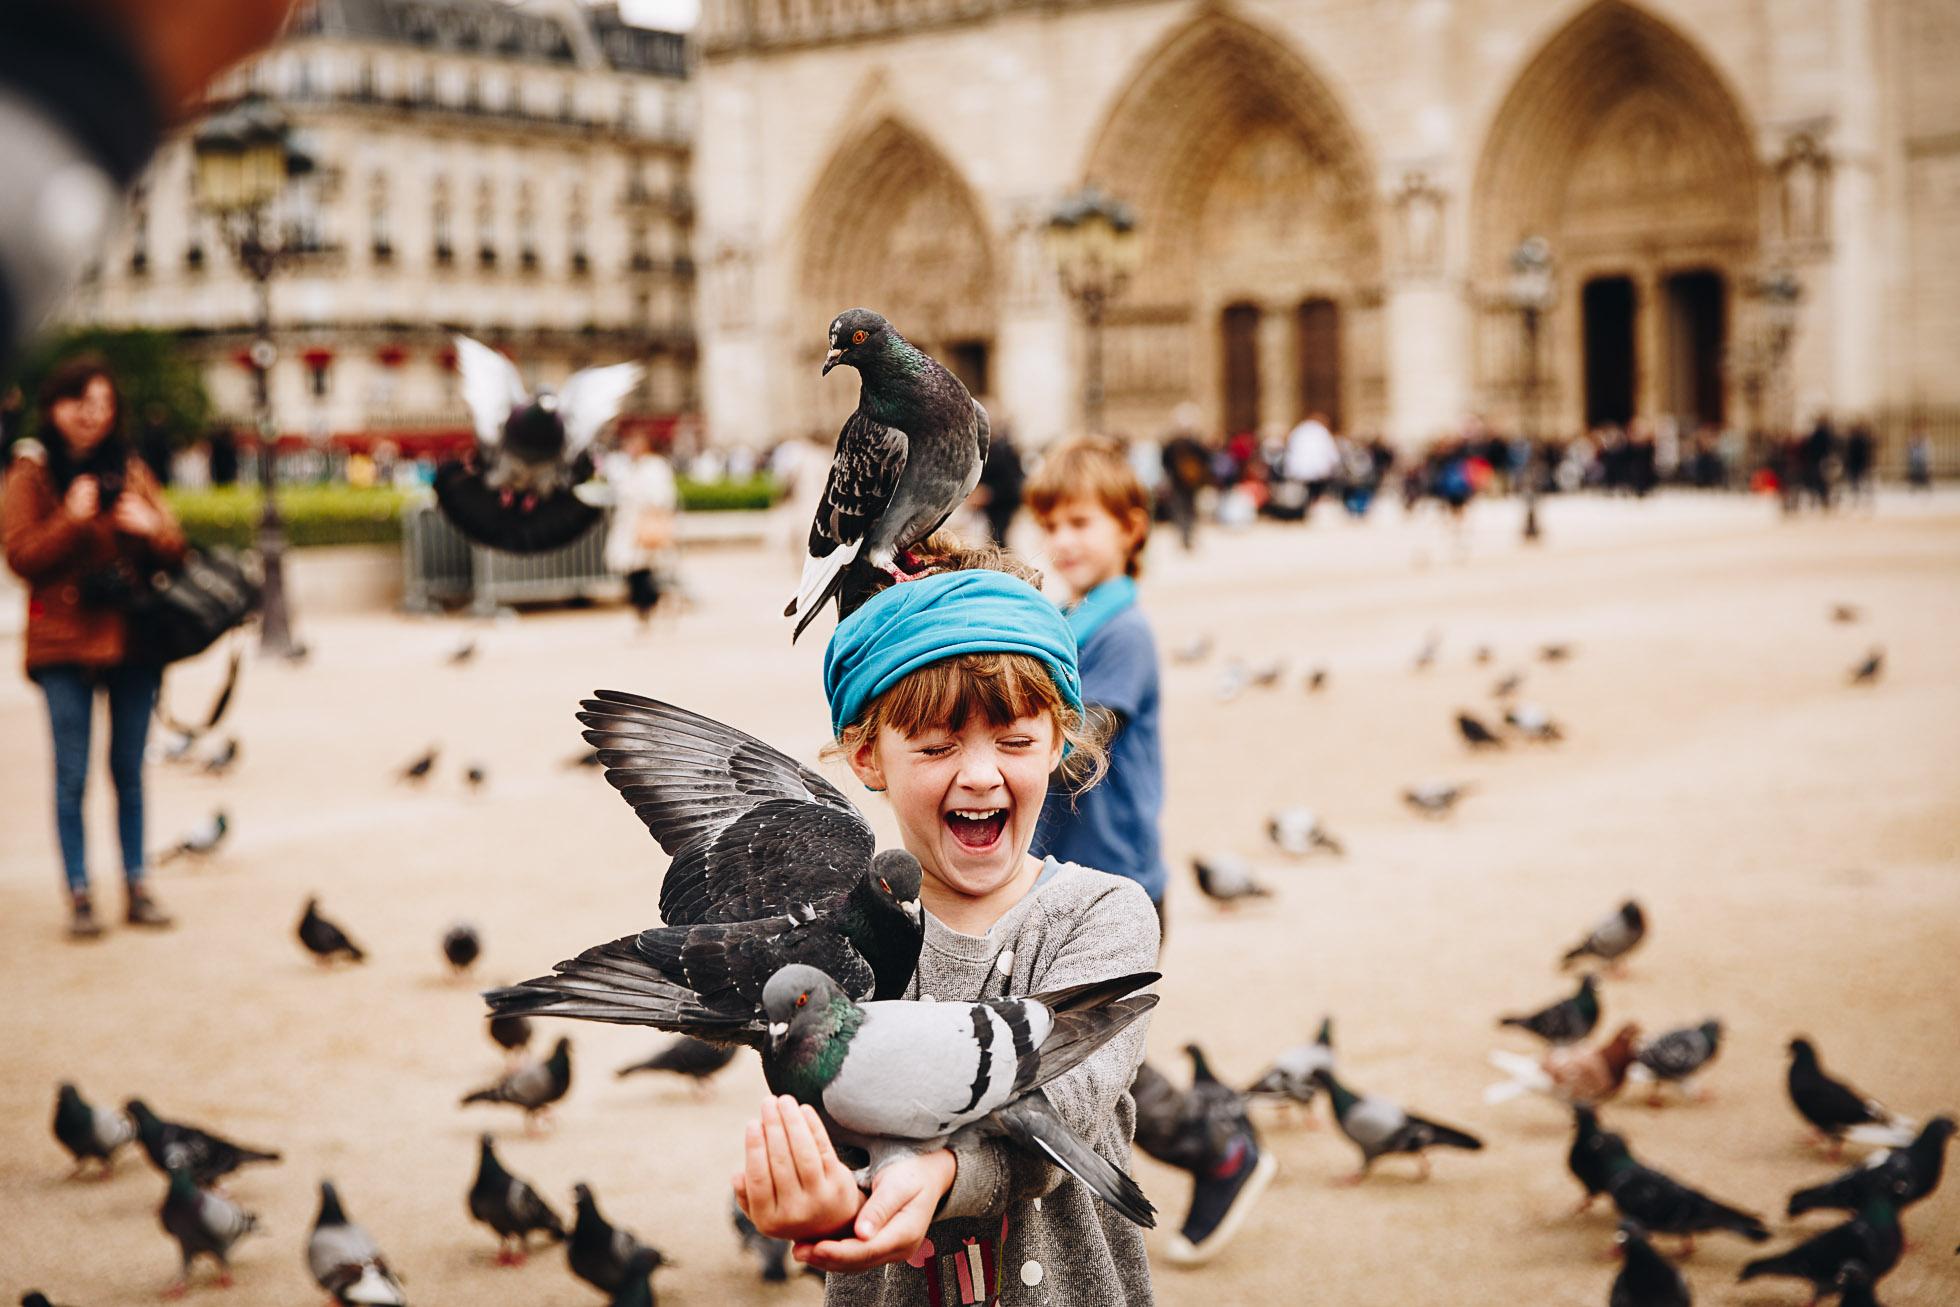 Paris pigeon play